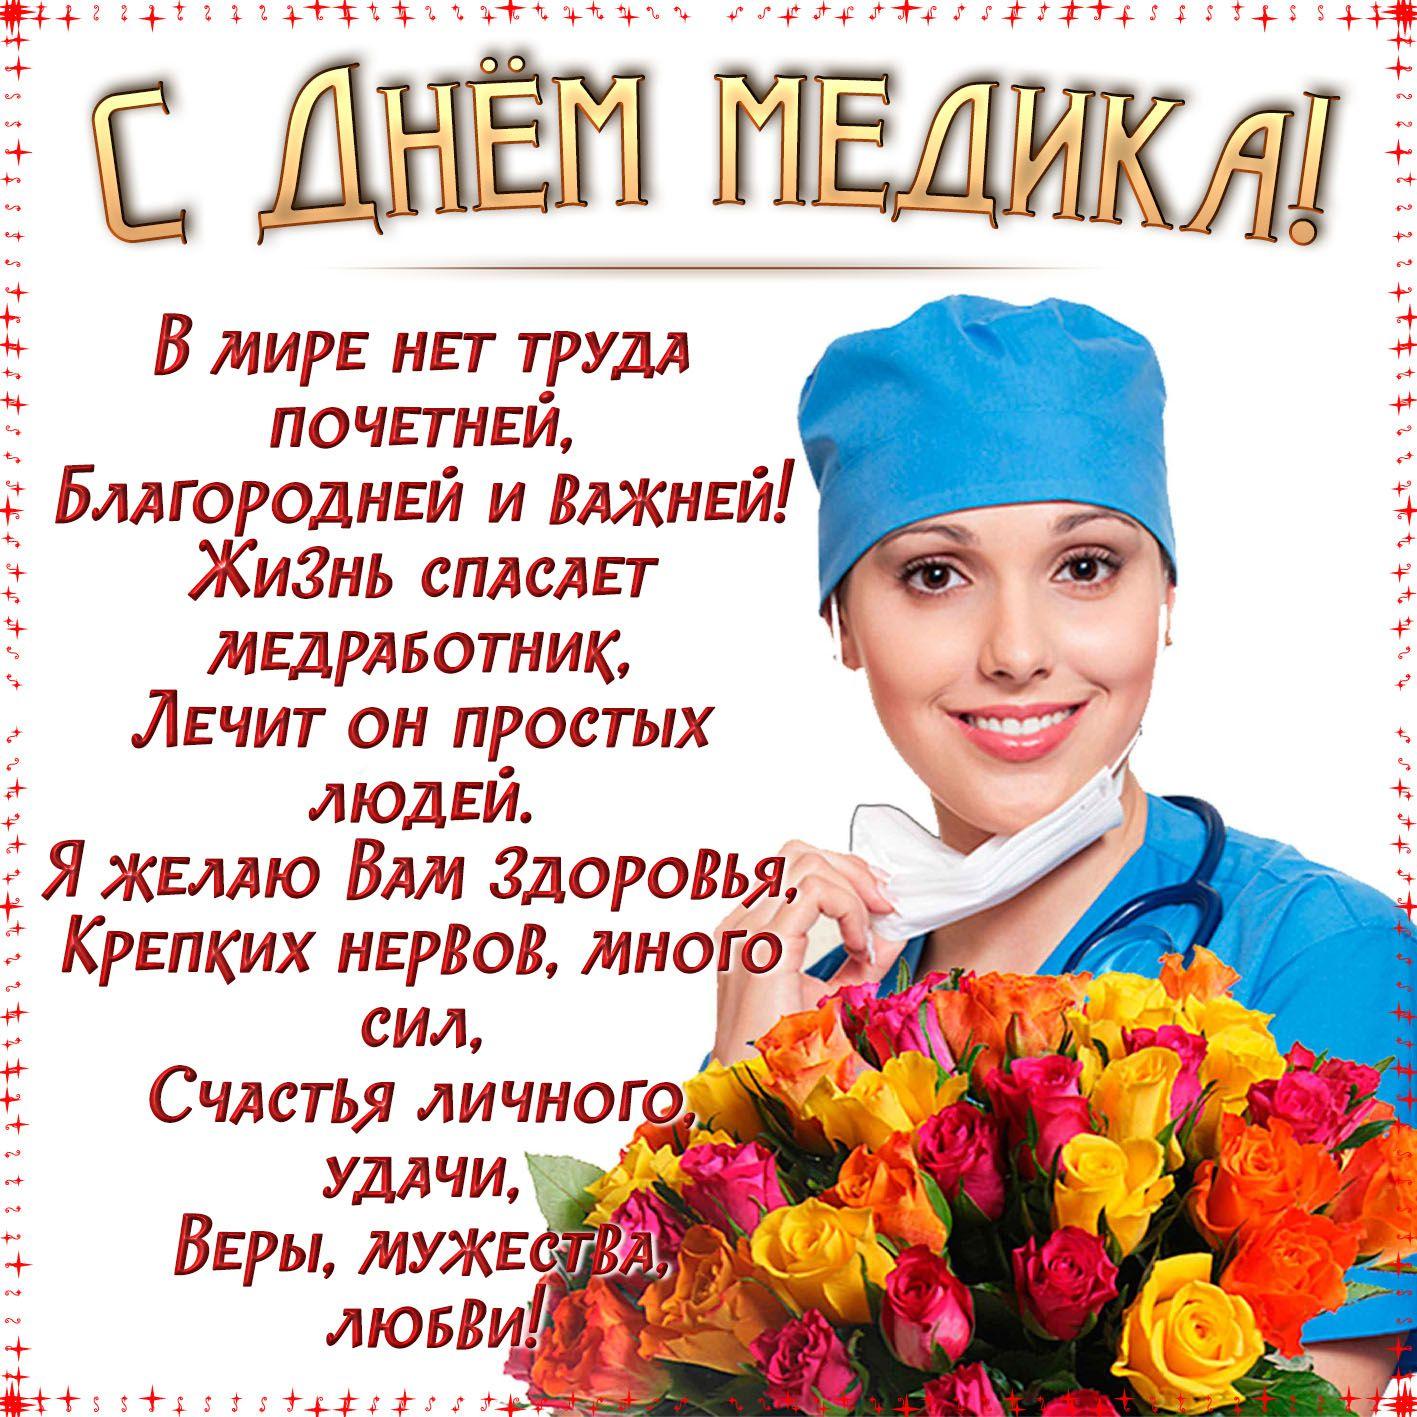 С днем медработника поздравления в стихах